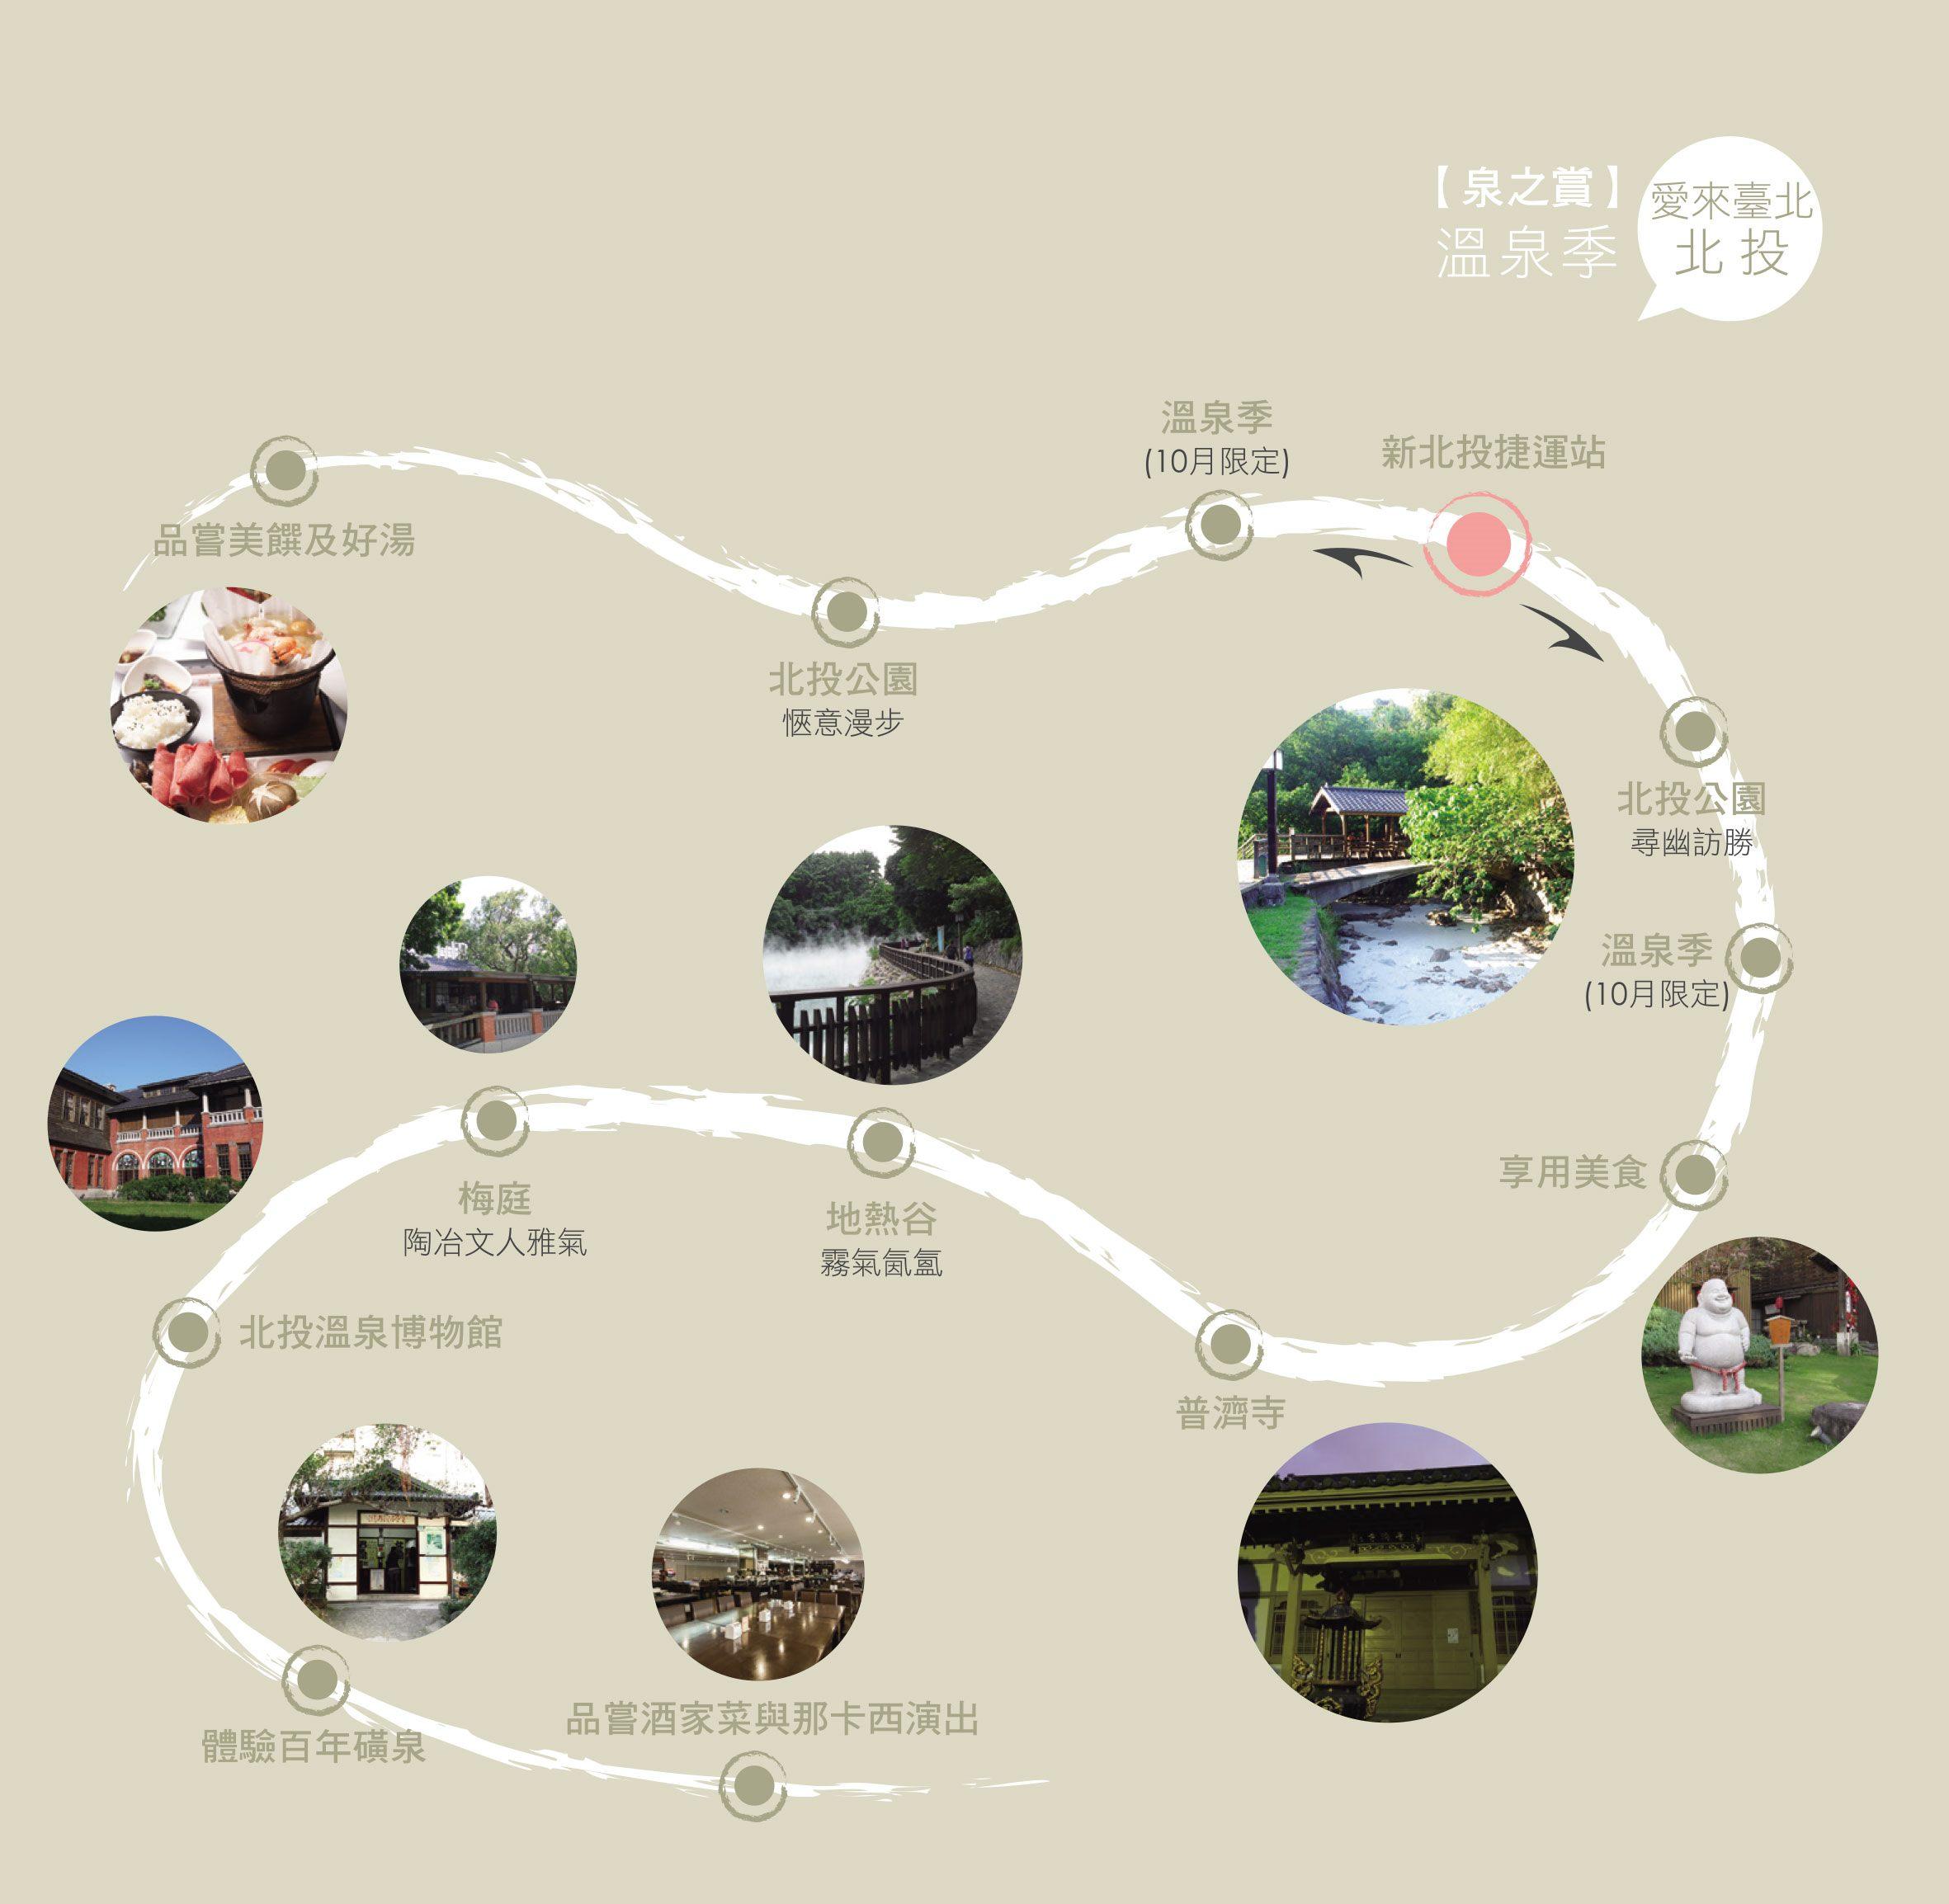 愛來臺北北投 泉之賞溫泉祭